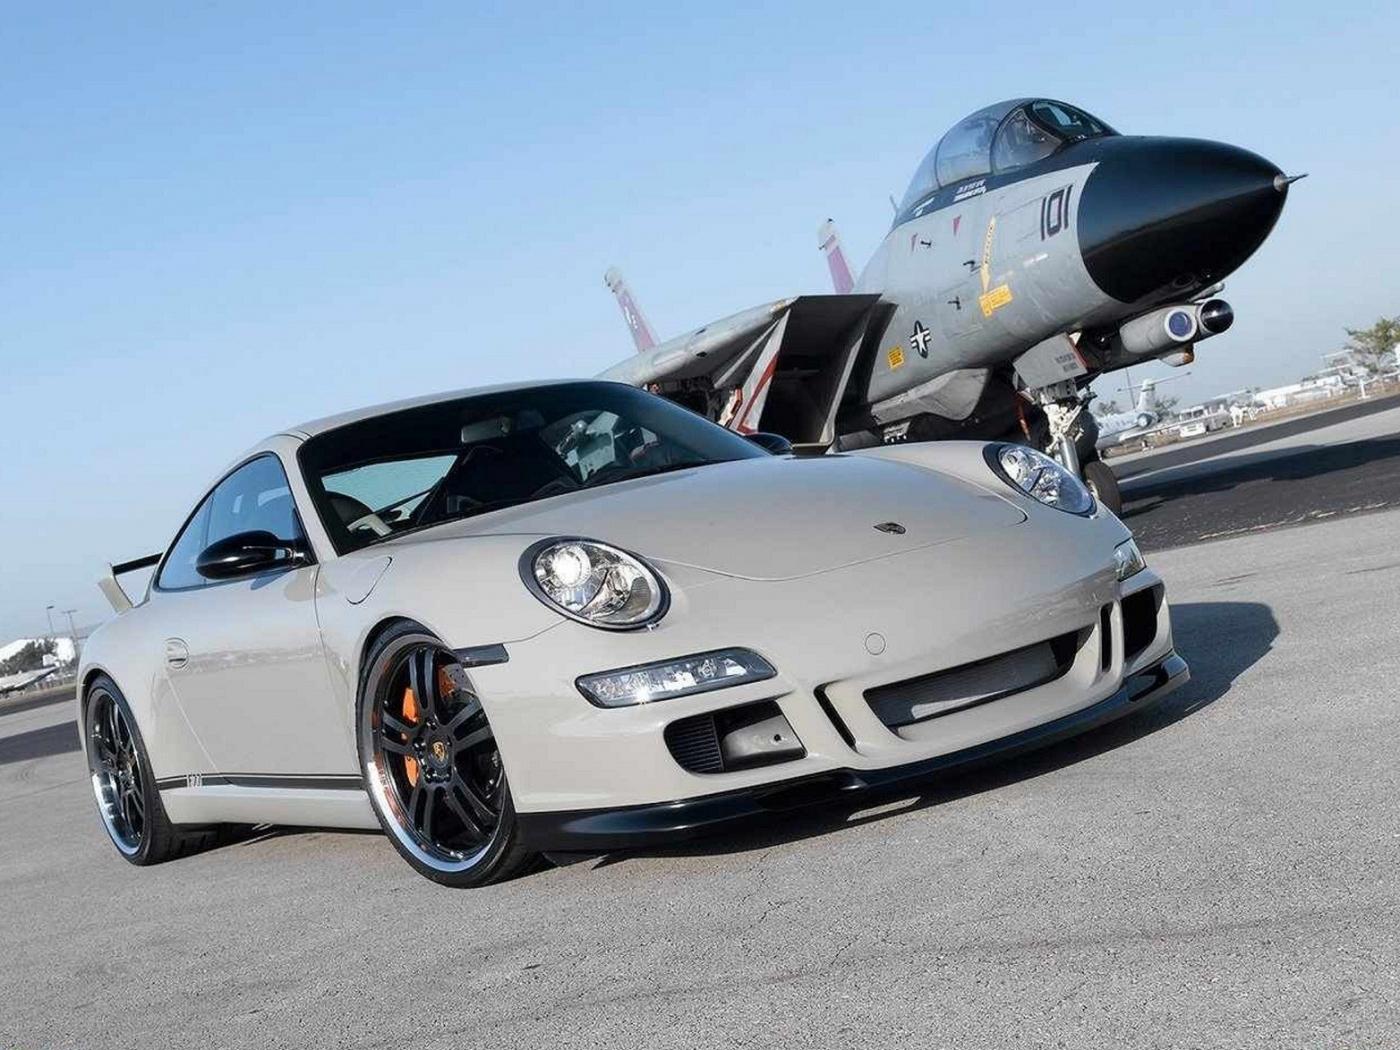 45753 скачать обои Транспорт, Машины, Порш (Porsche) - заставки и картинки бесплатно